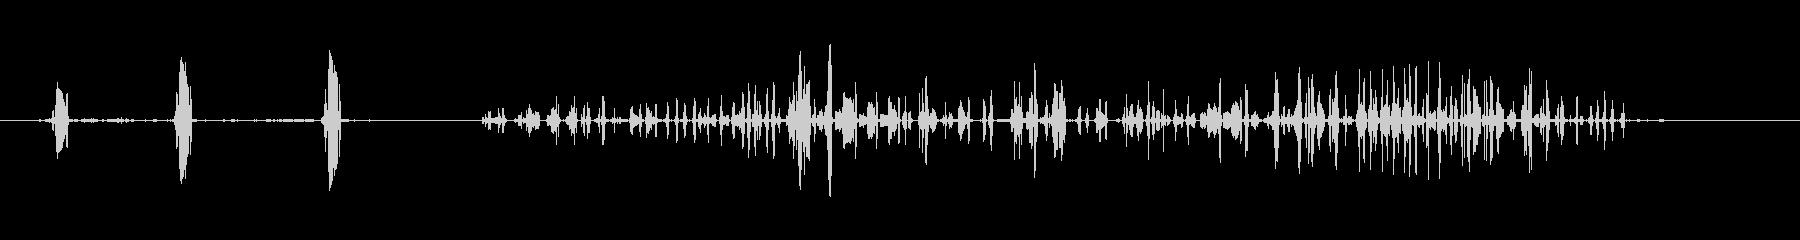 ホワイトキュレタの未再生の波形